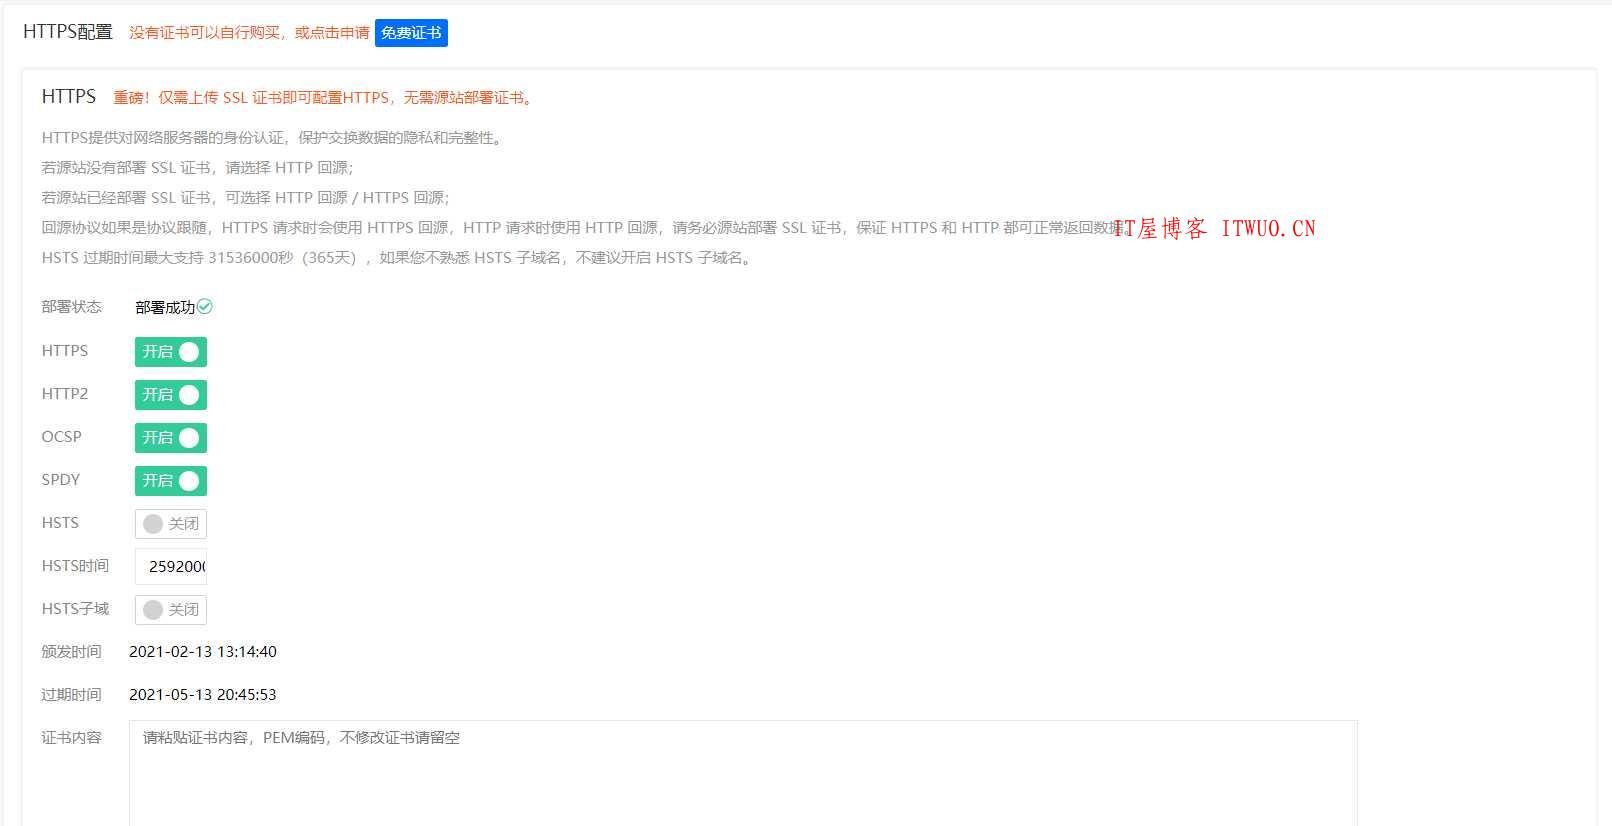 近期,腾讯云CDN团队发现部分域名出现非正常的业务访问,造成了较大的流量和带宽消耗,同时产生了远超平时的高额账单。建议您关注此类情况的 应对措施,避免潜在风险。 防盗链配置 分布式 DDoS 清洗 CC 自适应识别 智能 WAF 防护 BOT 行为分析 IP 黑白名单配置 访问限频配置 带宽封顶配置 CDN 带宽 VIP 第19张